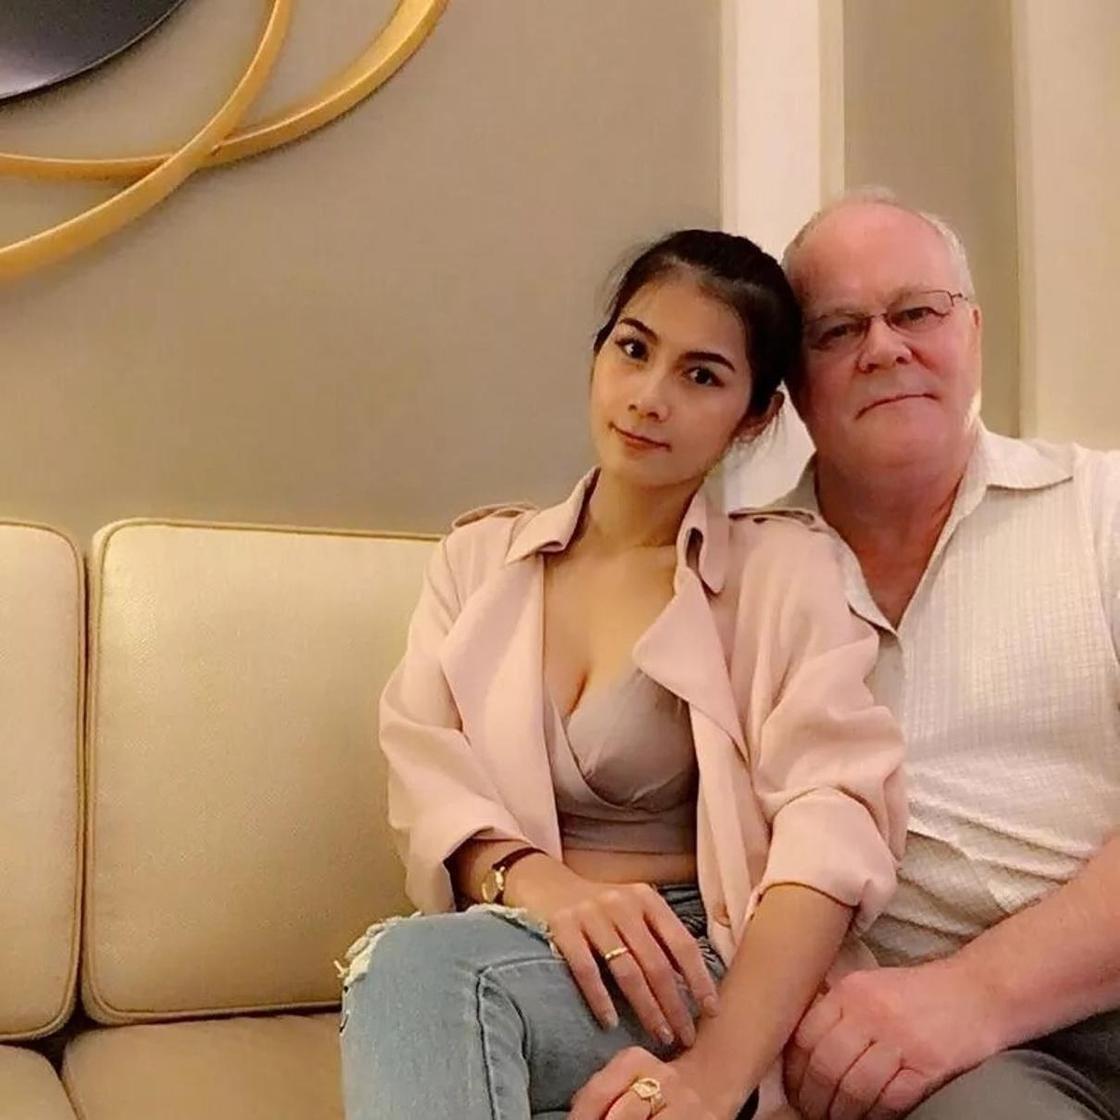 """Он не выдерживал """"такого секса"""" - порнозвезда ушла от 72-летнего миллионера"""